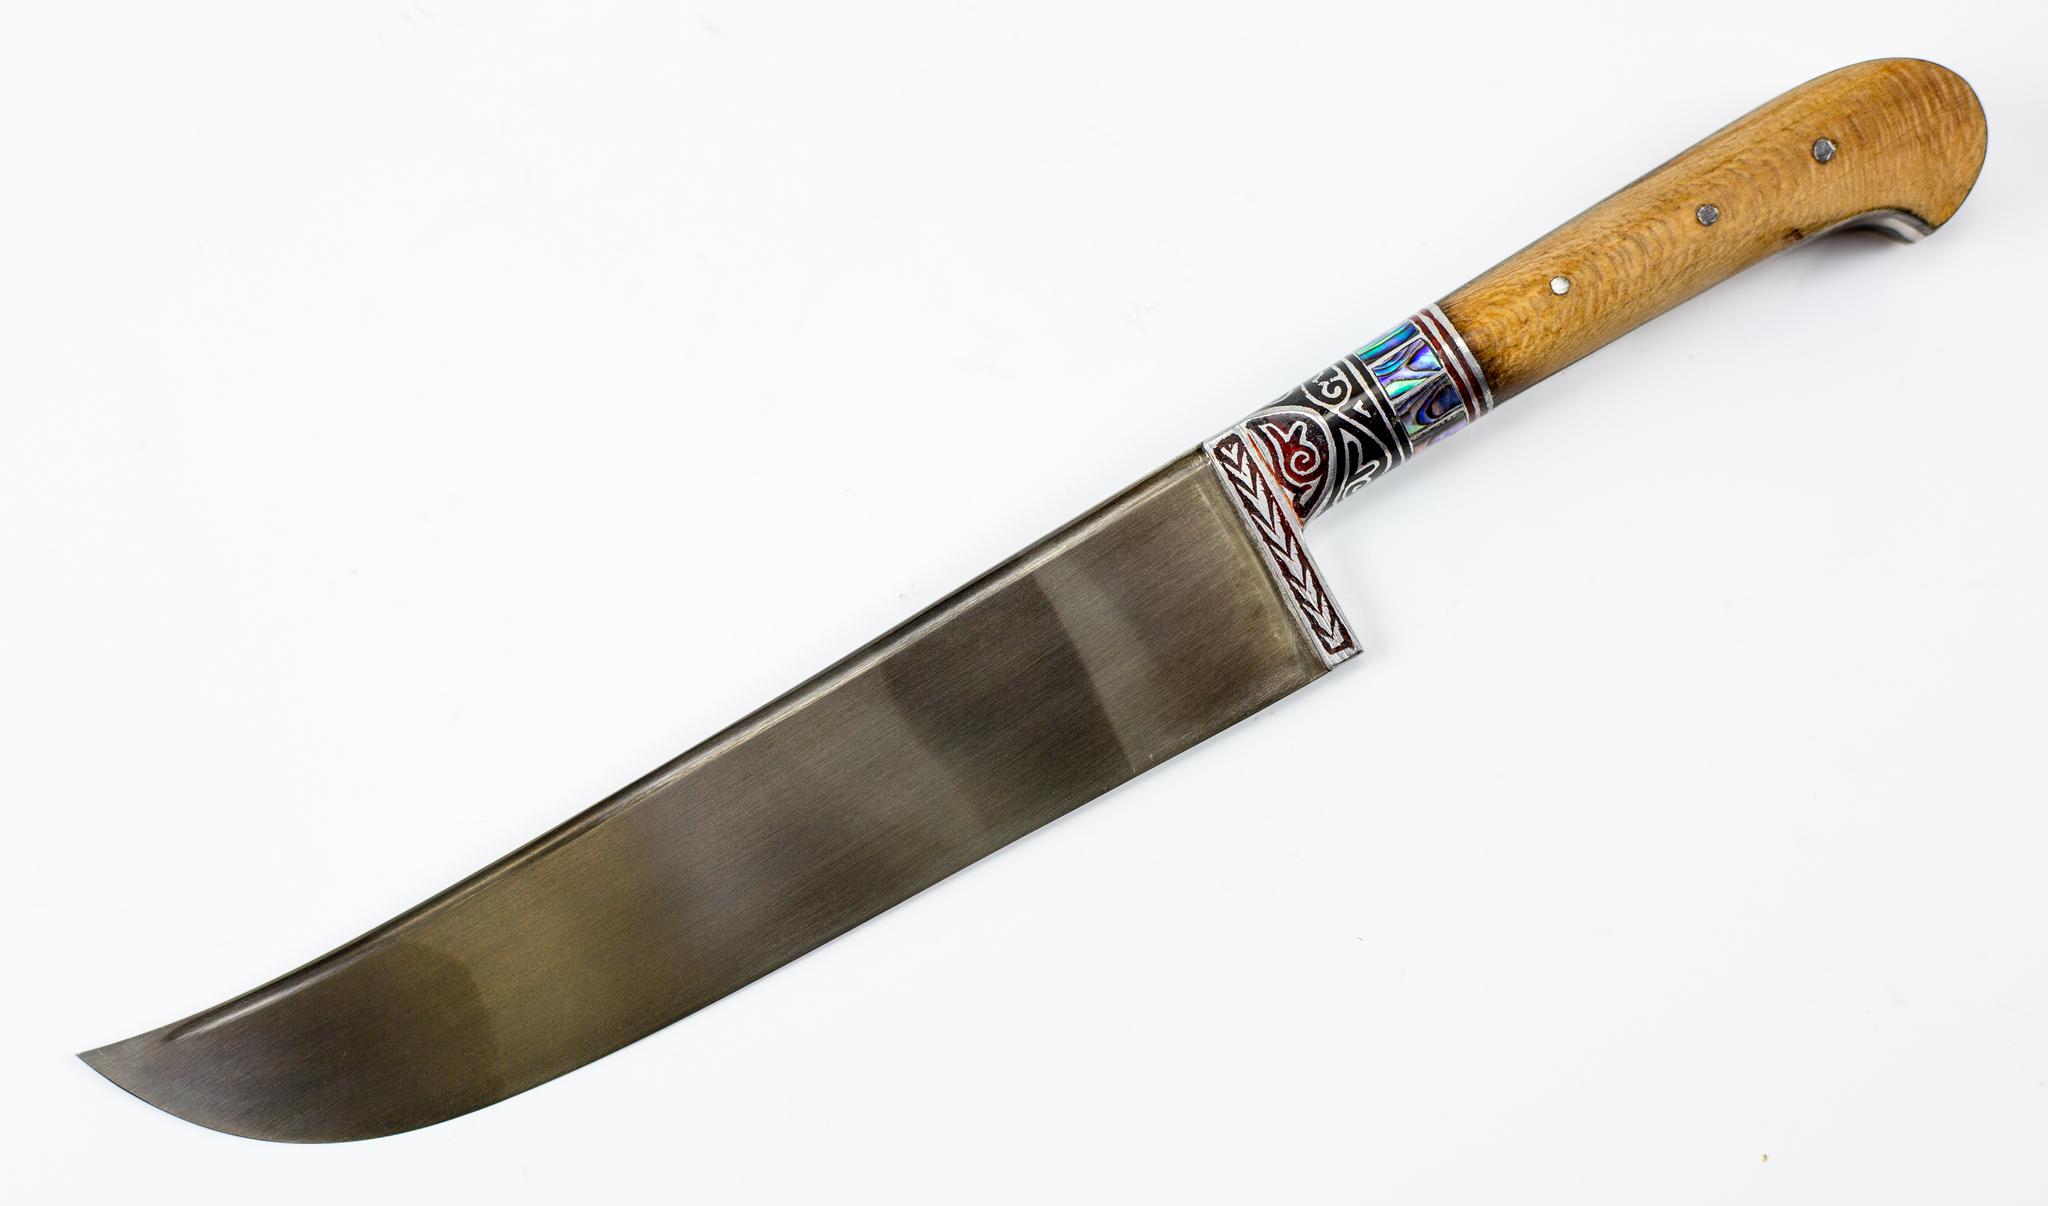 Пчак Чинар Ерма с садафомУзбекские ножи Пчак<br>Пчак Чинар Ерма, гарда гравировка с садафом<br>Узбекский универсальный нож Пчак.<br>Длина клинка: 164ммОбщая длина: 287ммТолщина клинка у основания: 3.5 мм<br>Ширина клинка 34ммМарка стали: ШХ15В комплекте чехол<br>Сделан в Узбекистане.<br>